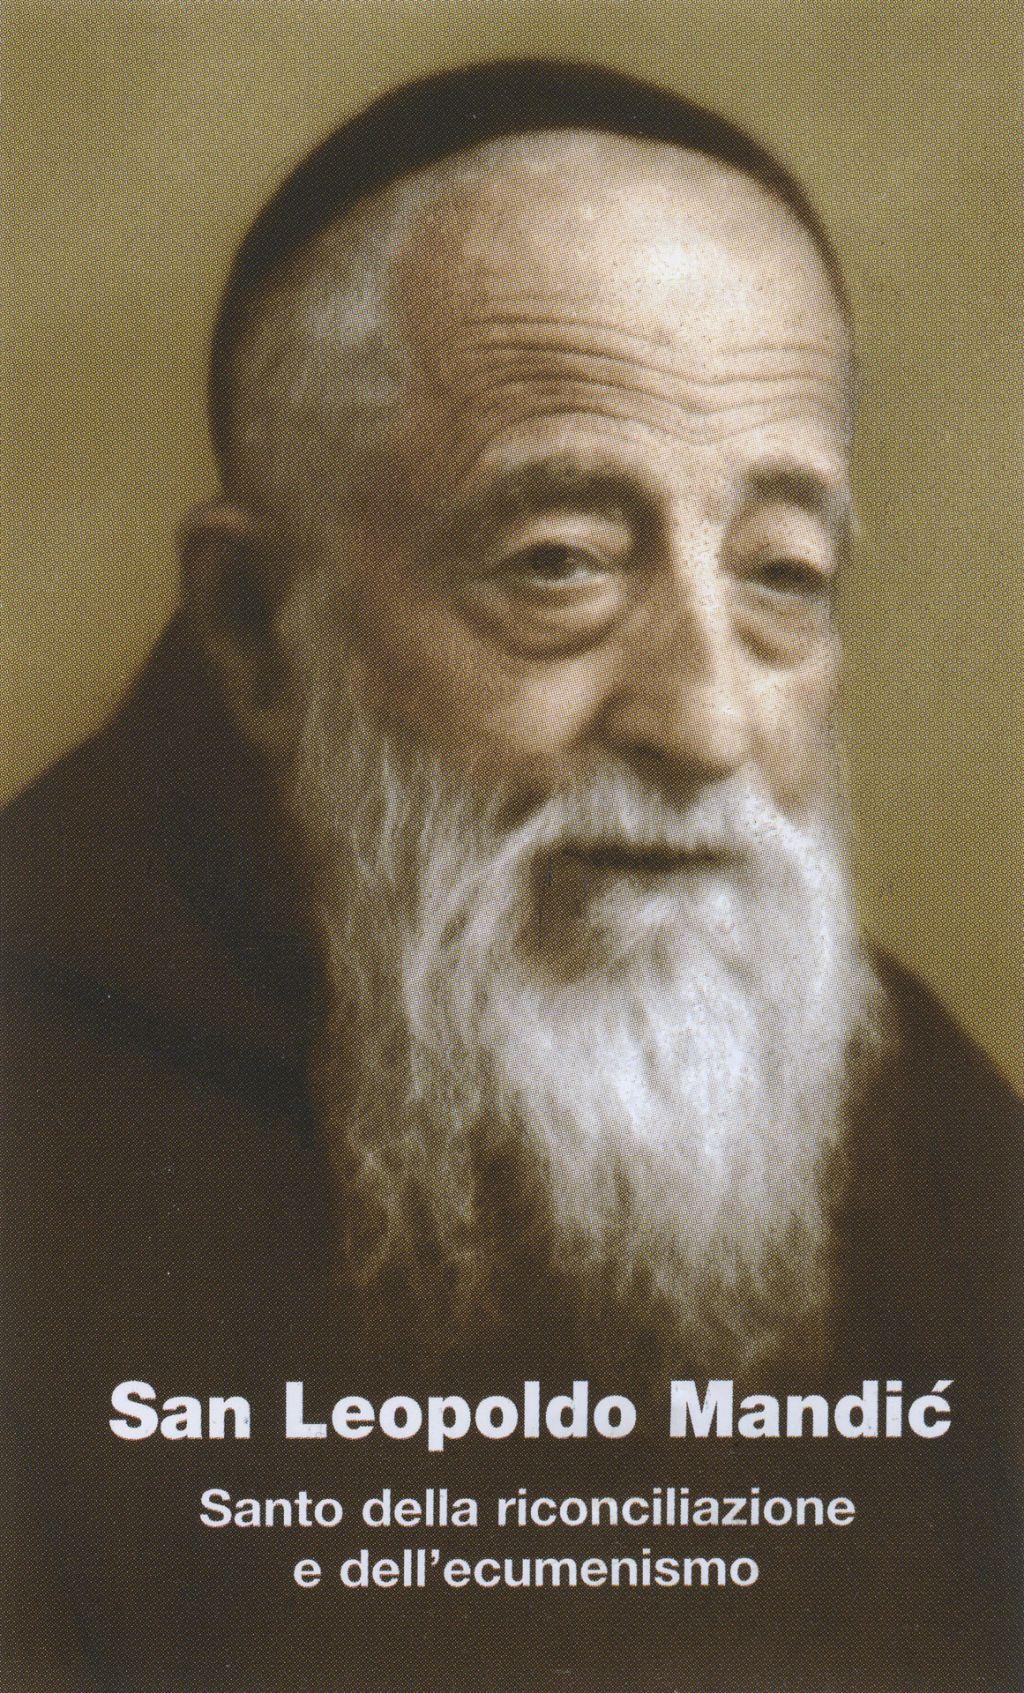 Piero Martinello Devotion